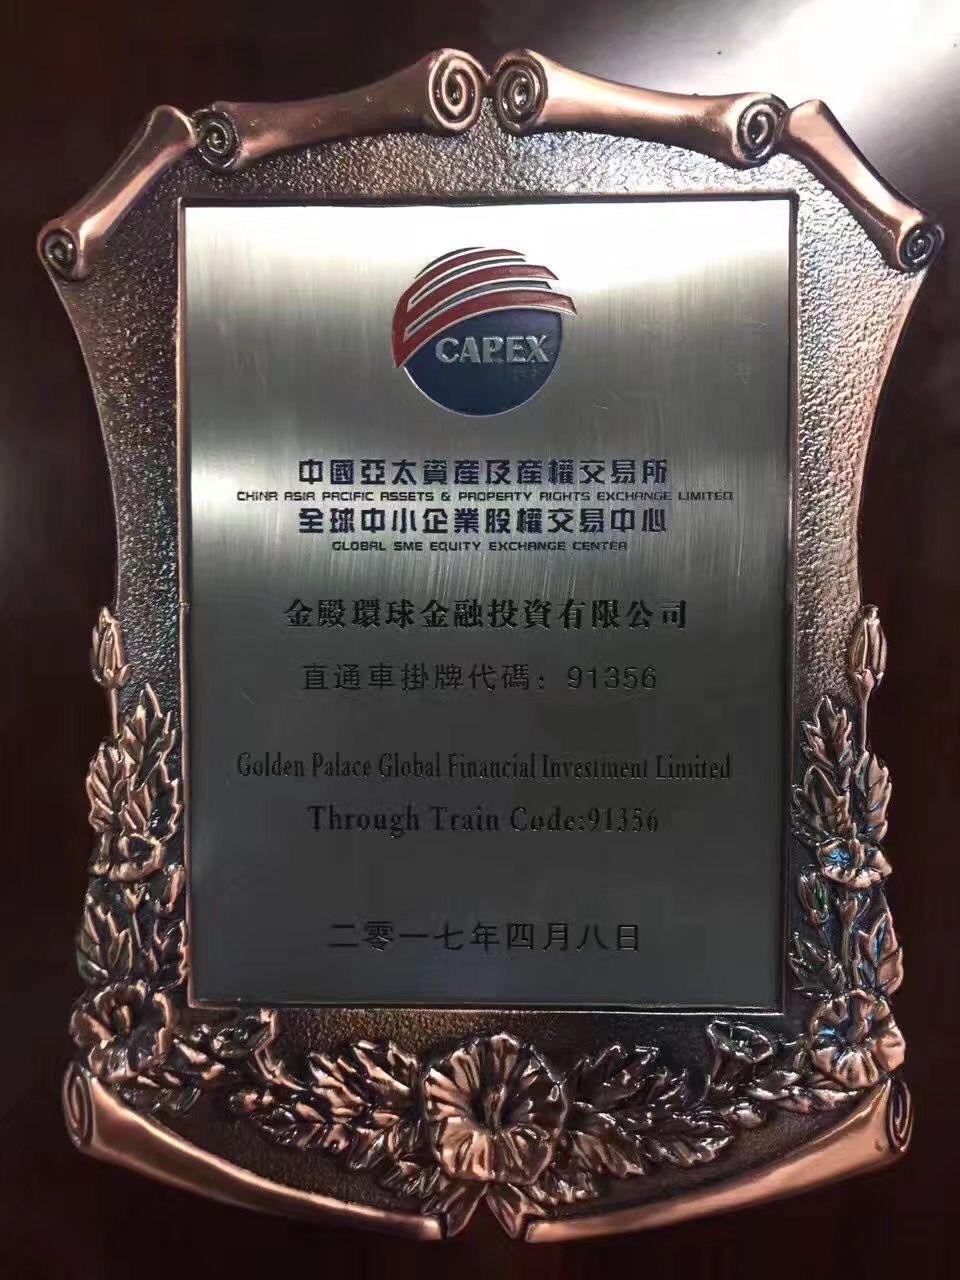 金殿环球:中华500 沪深300 德指 恒指 黄金 原油等 招会员和代理商